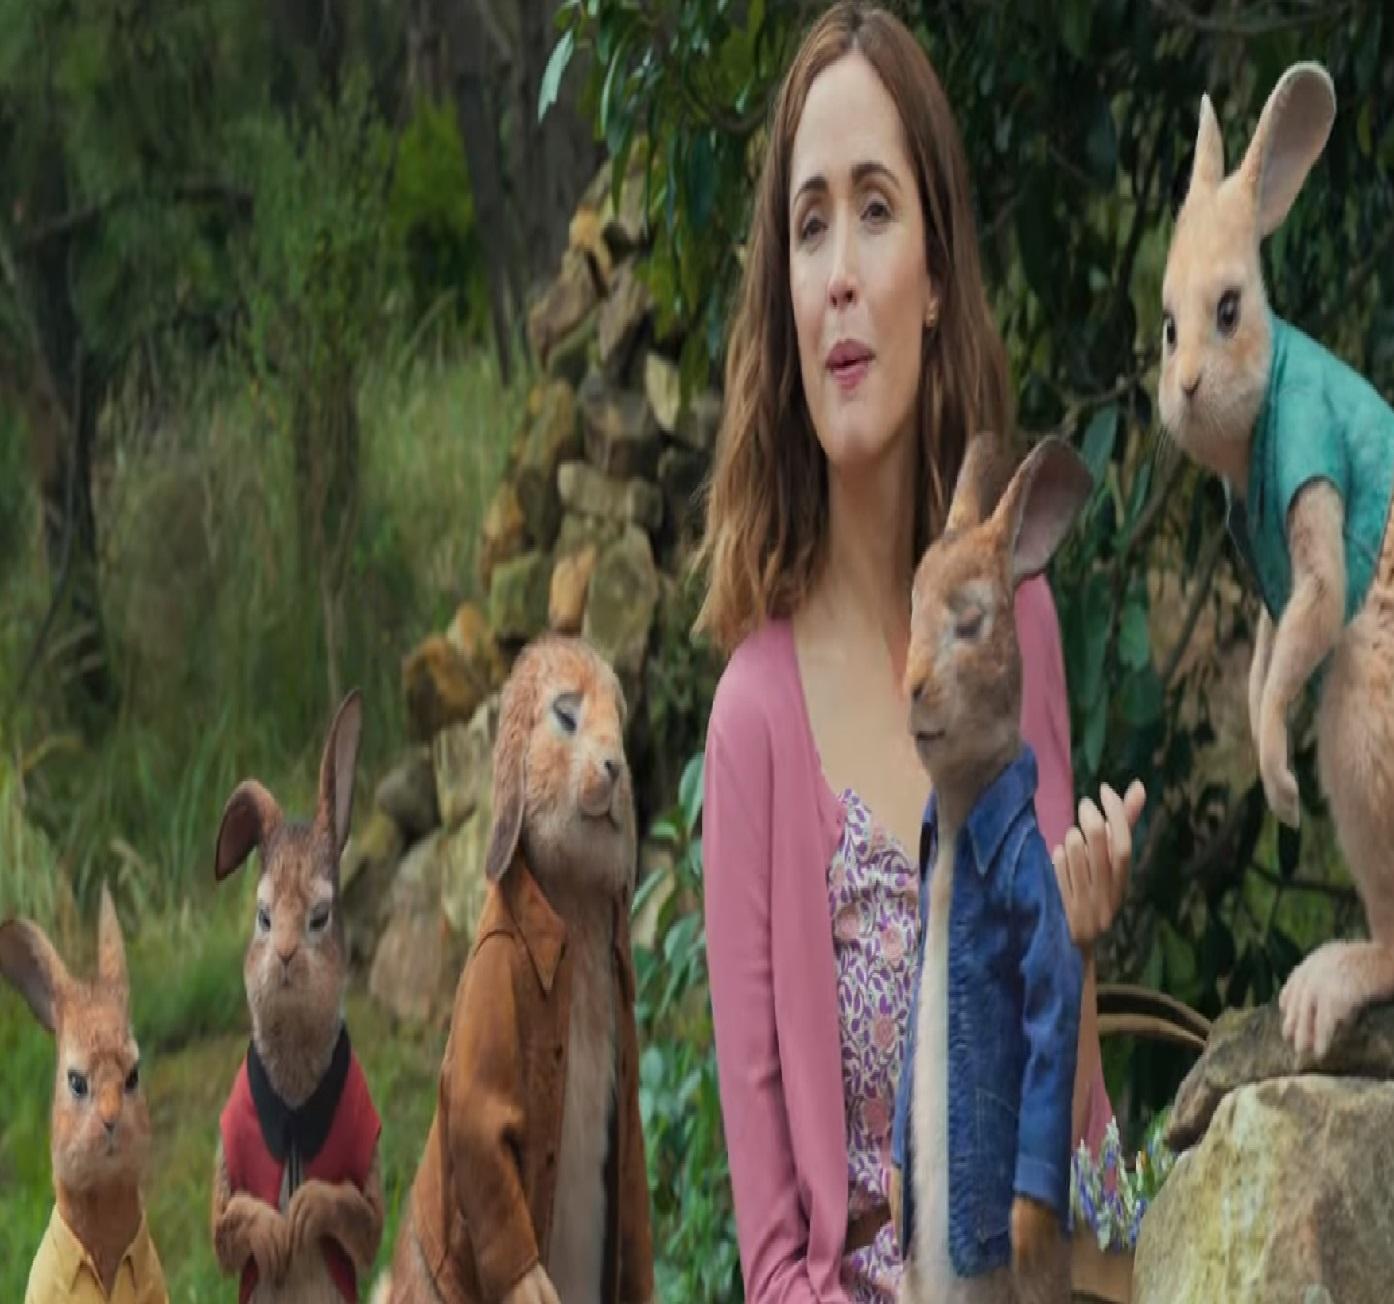 Old Neko Peter Rabbit 2018 Film Review